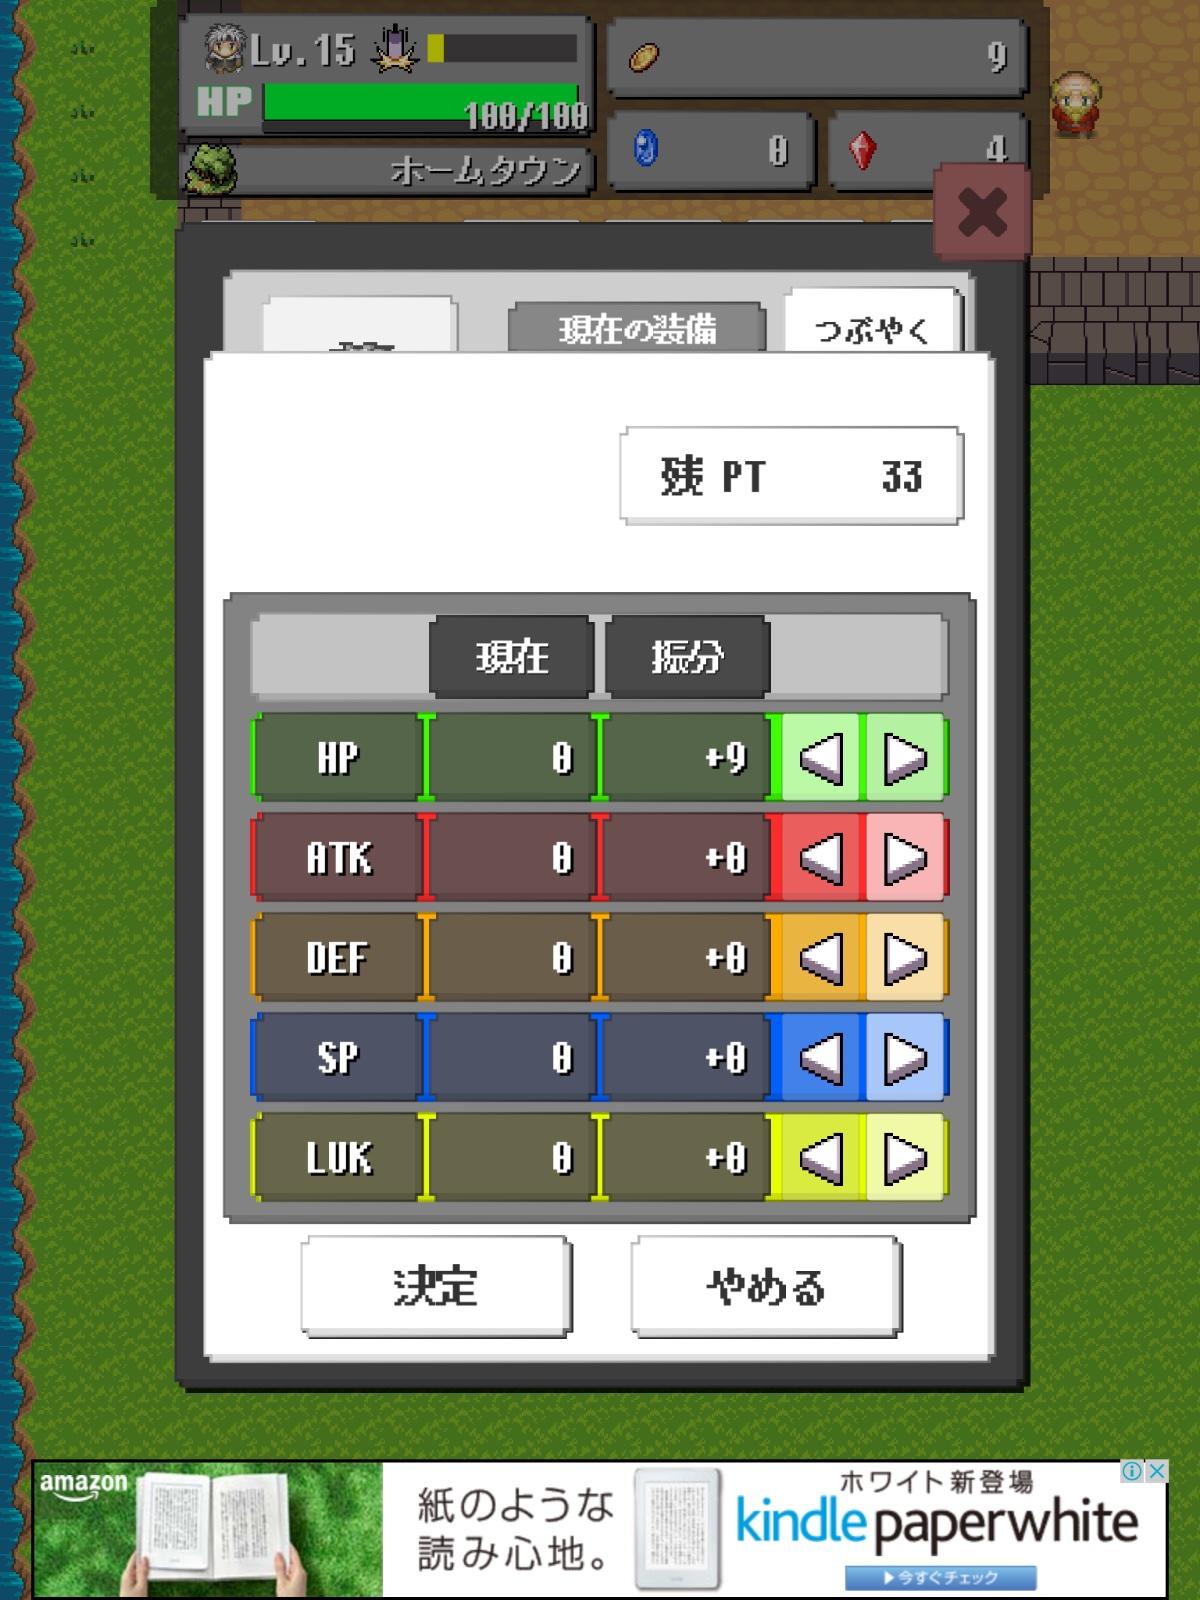 勇者のパラドックス androidアプリスクリーンショット2